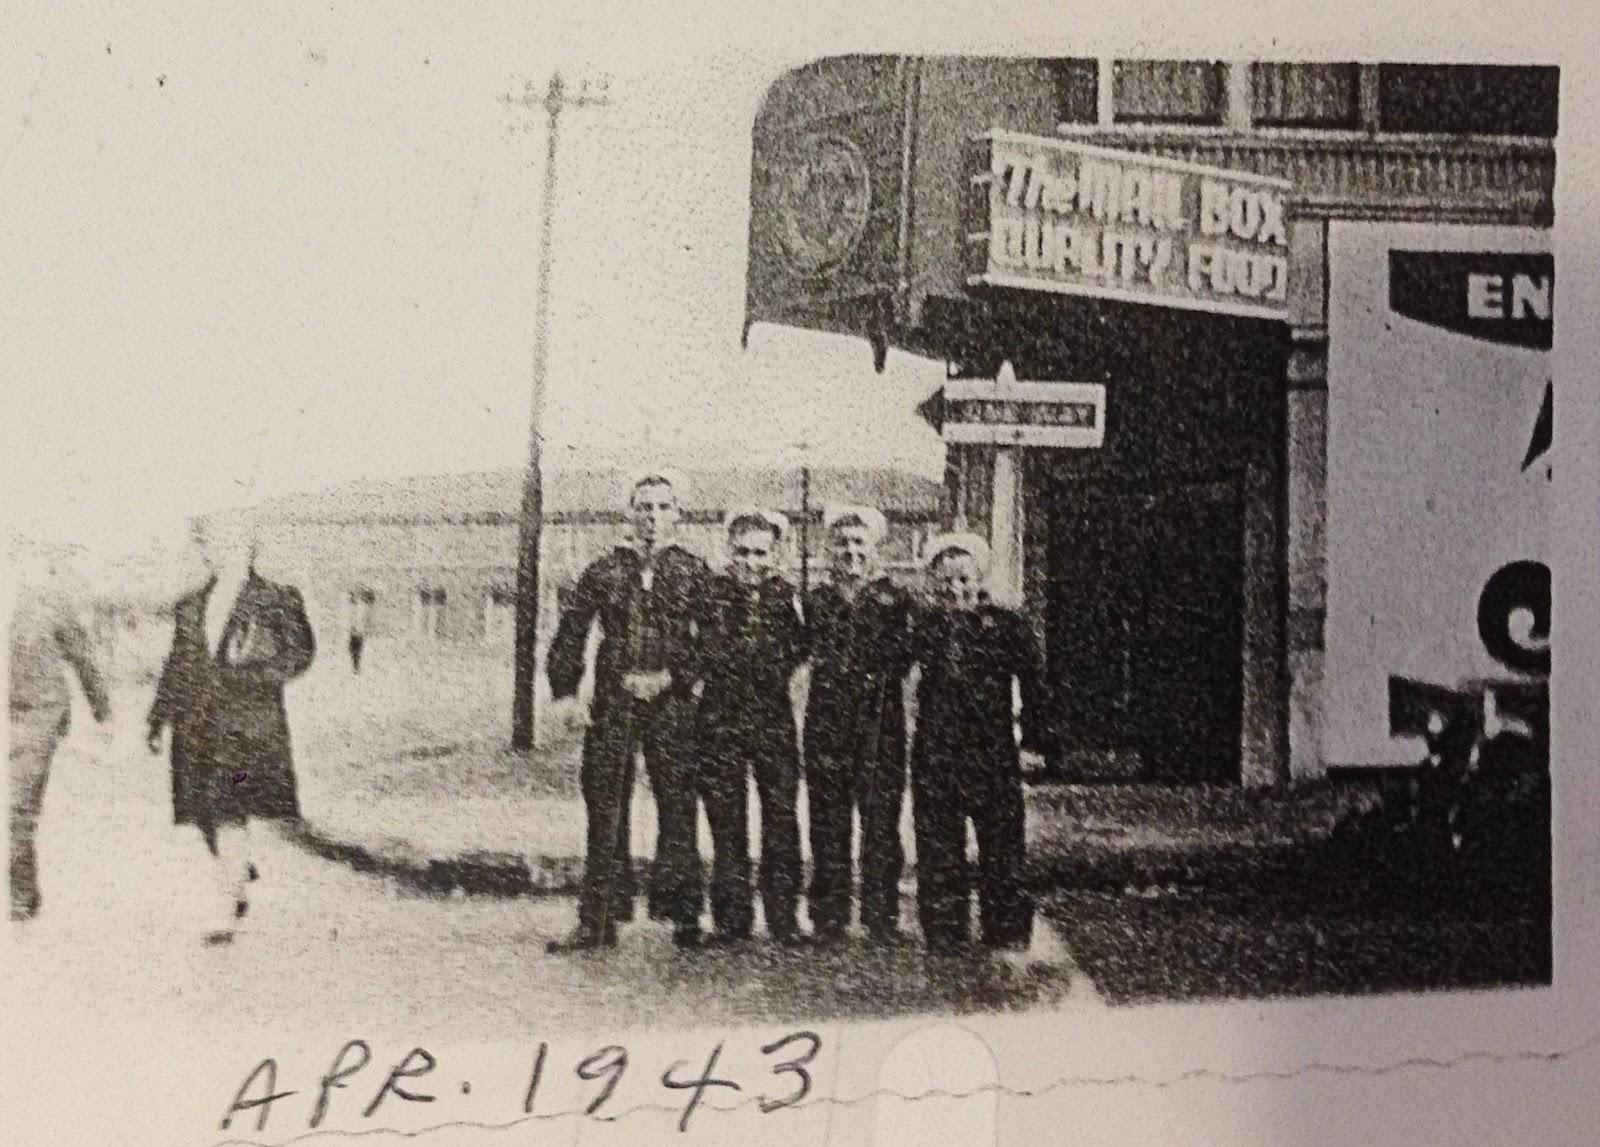 Lee Bergmeier Ashore Apr 1943.jpg